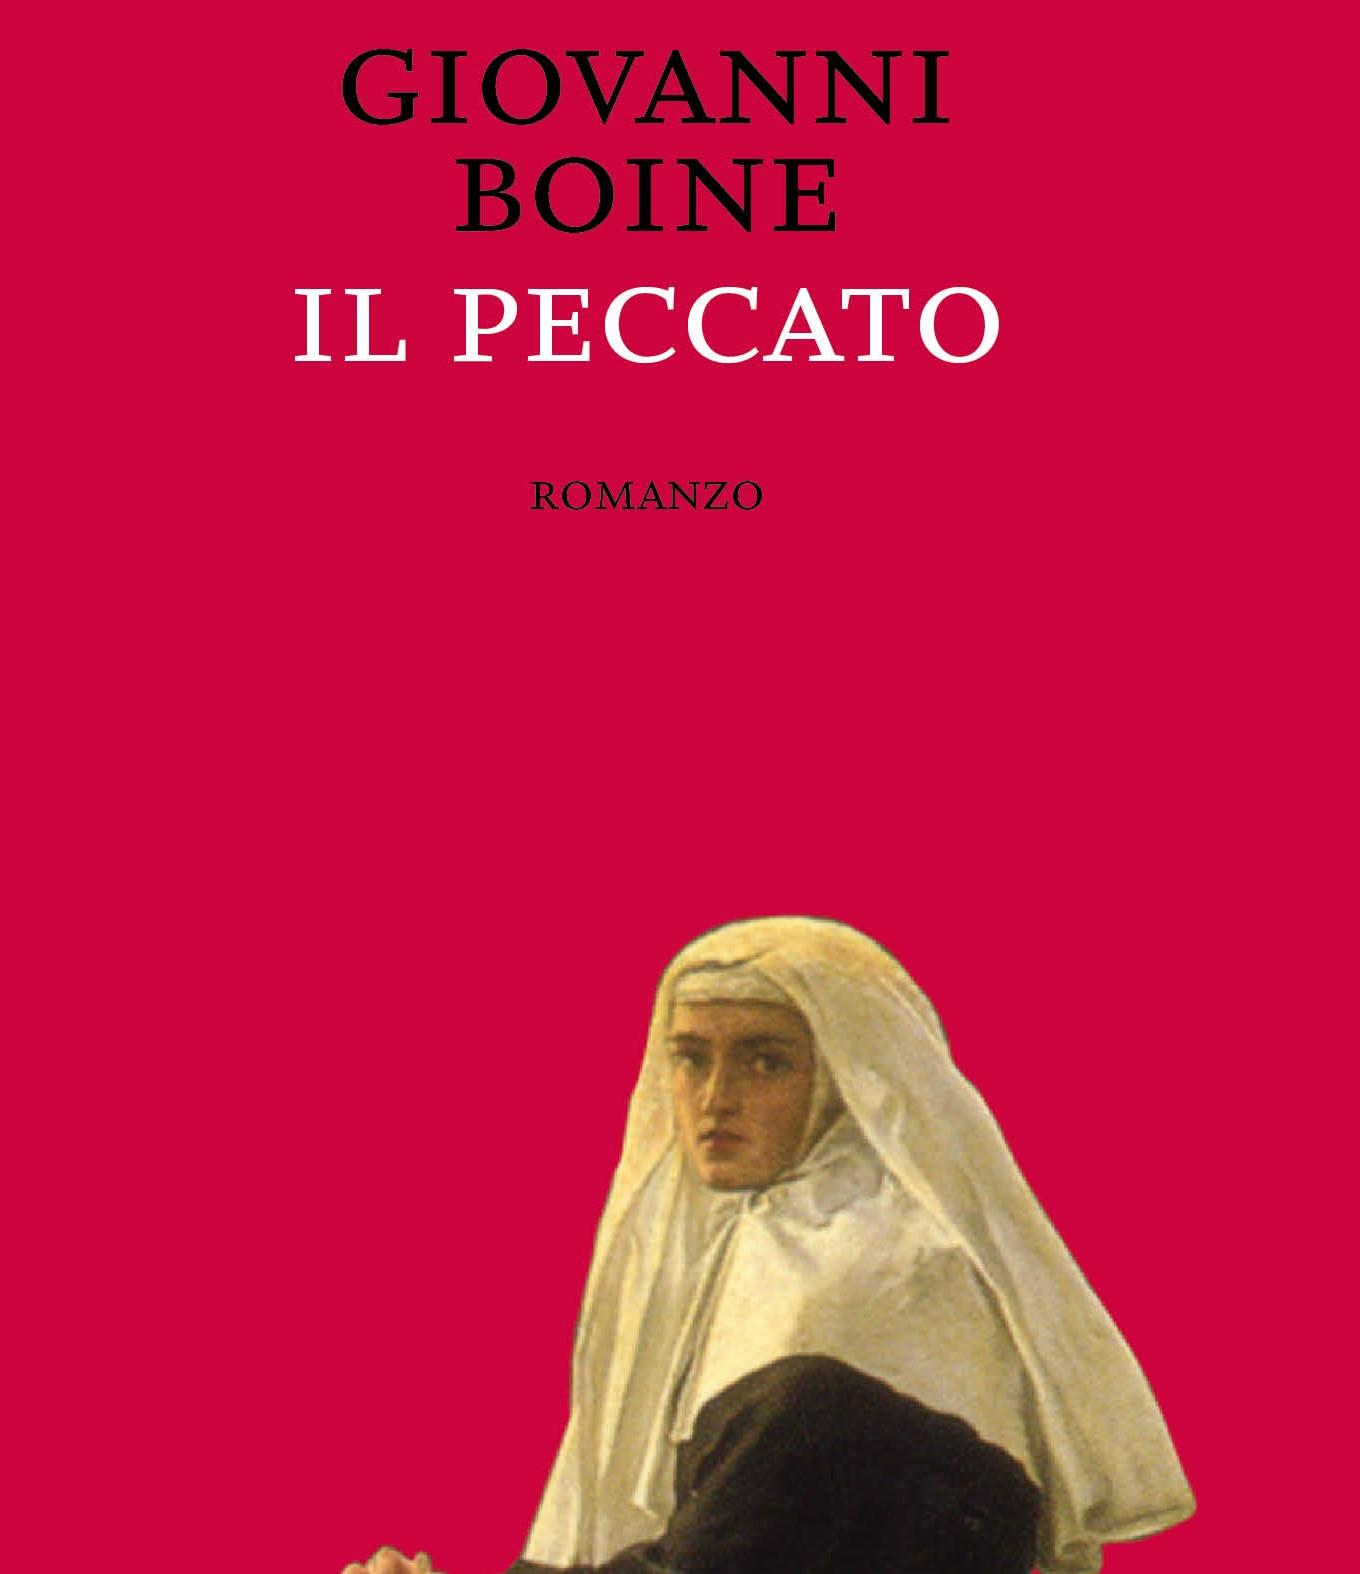 'Il peccato' di Giovanni Boine: la necessità di peccare per immergersi nella Vita e arrivare alla purezza